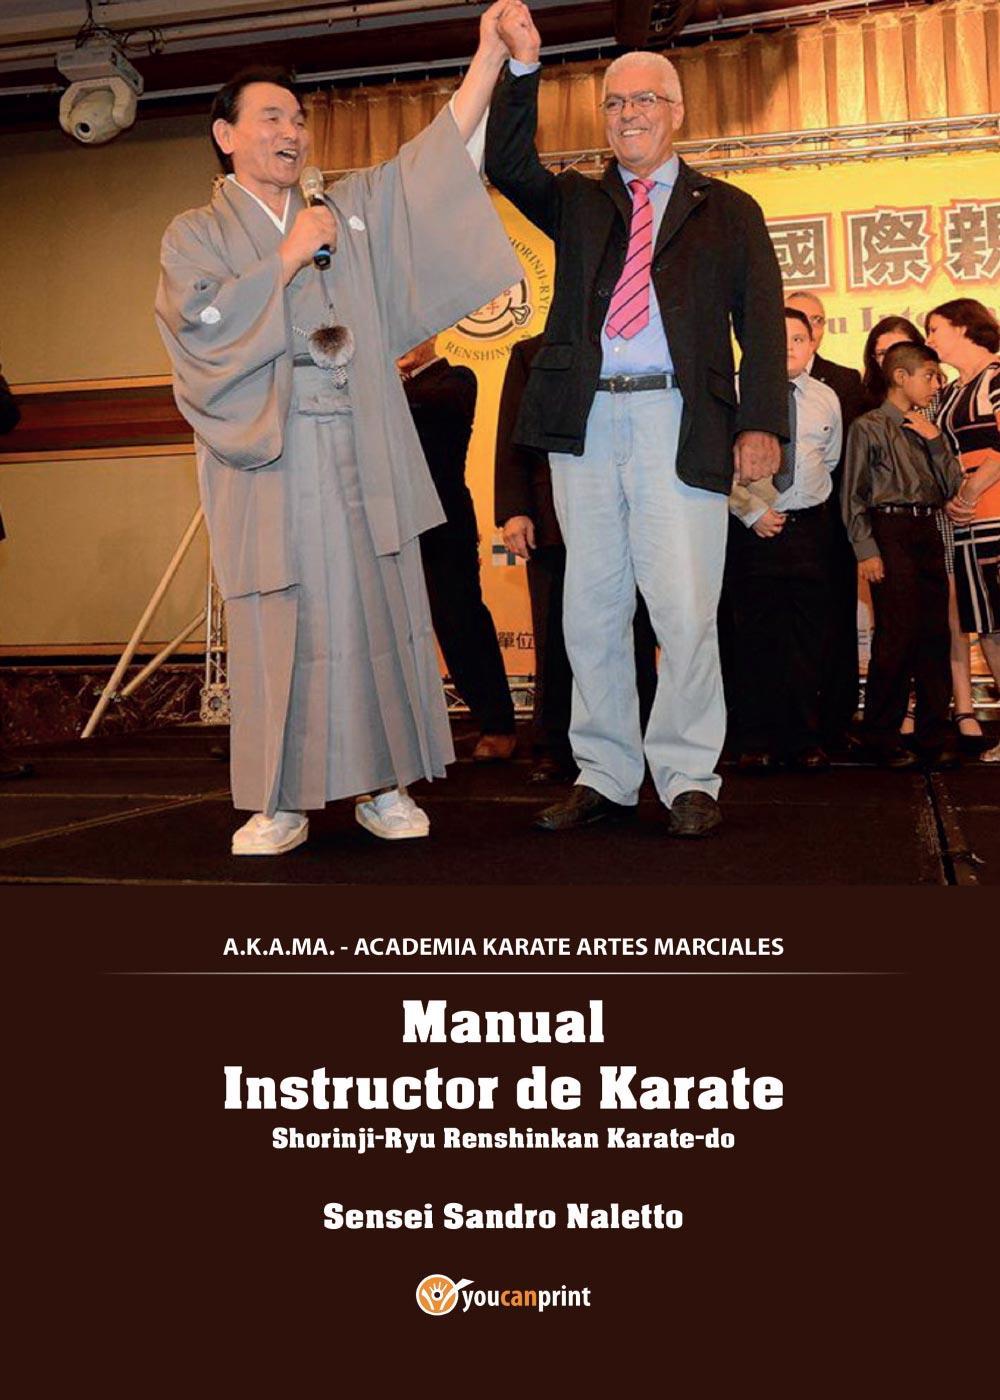 KARATE Shorinji-ryu Renshinkan - versione spagnola